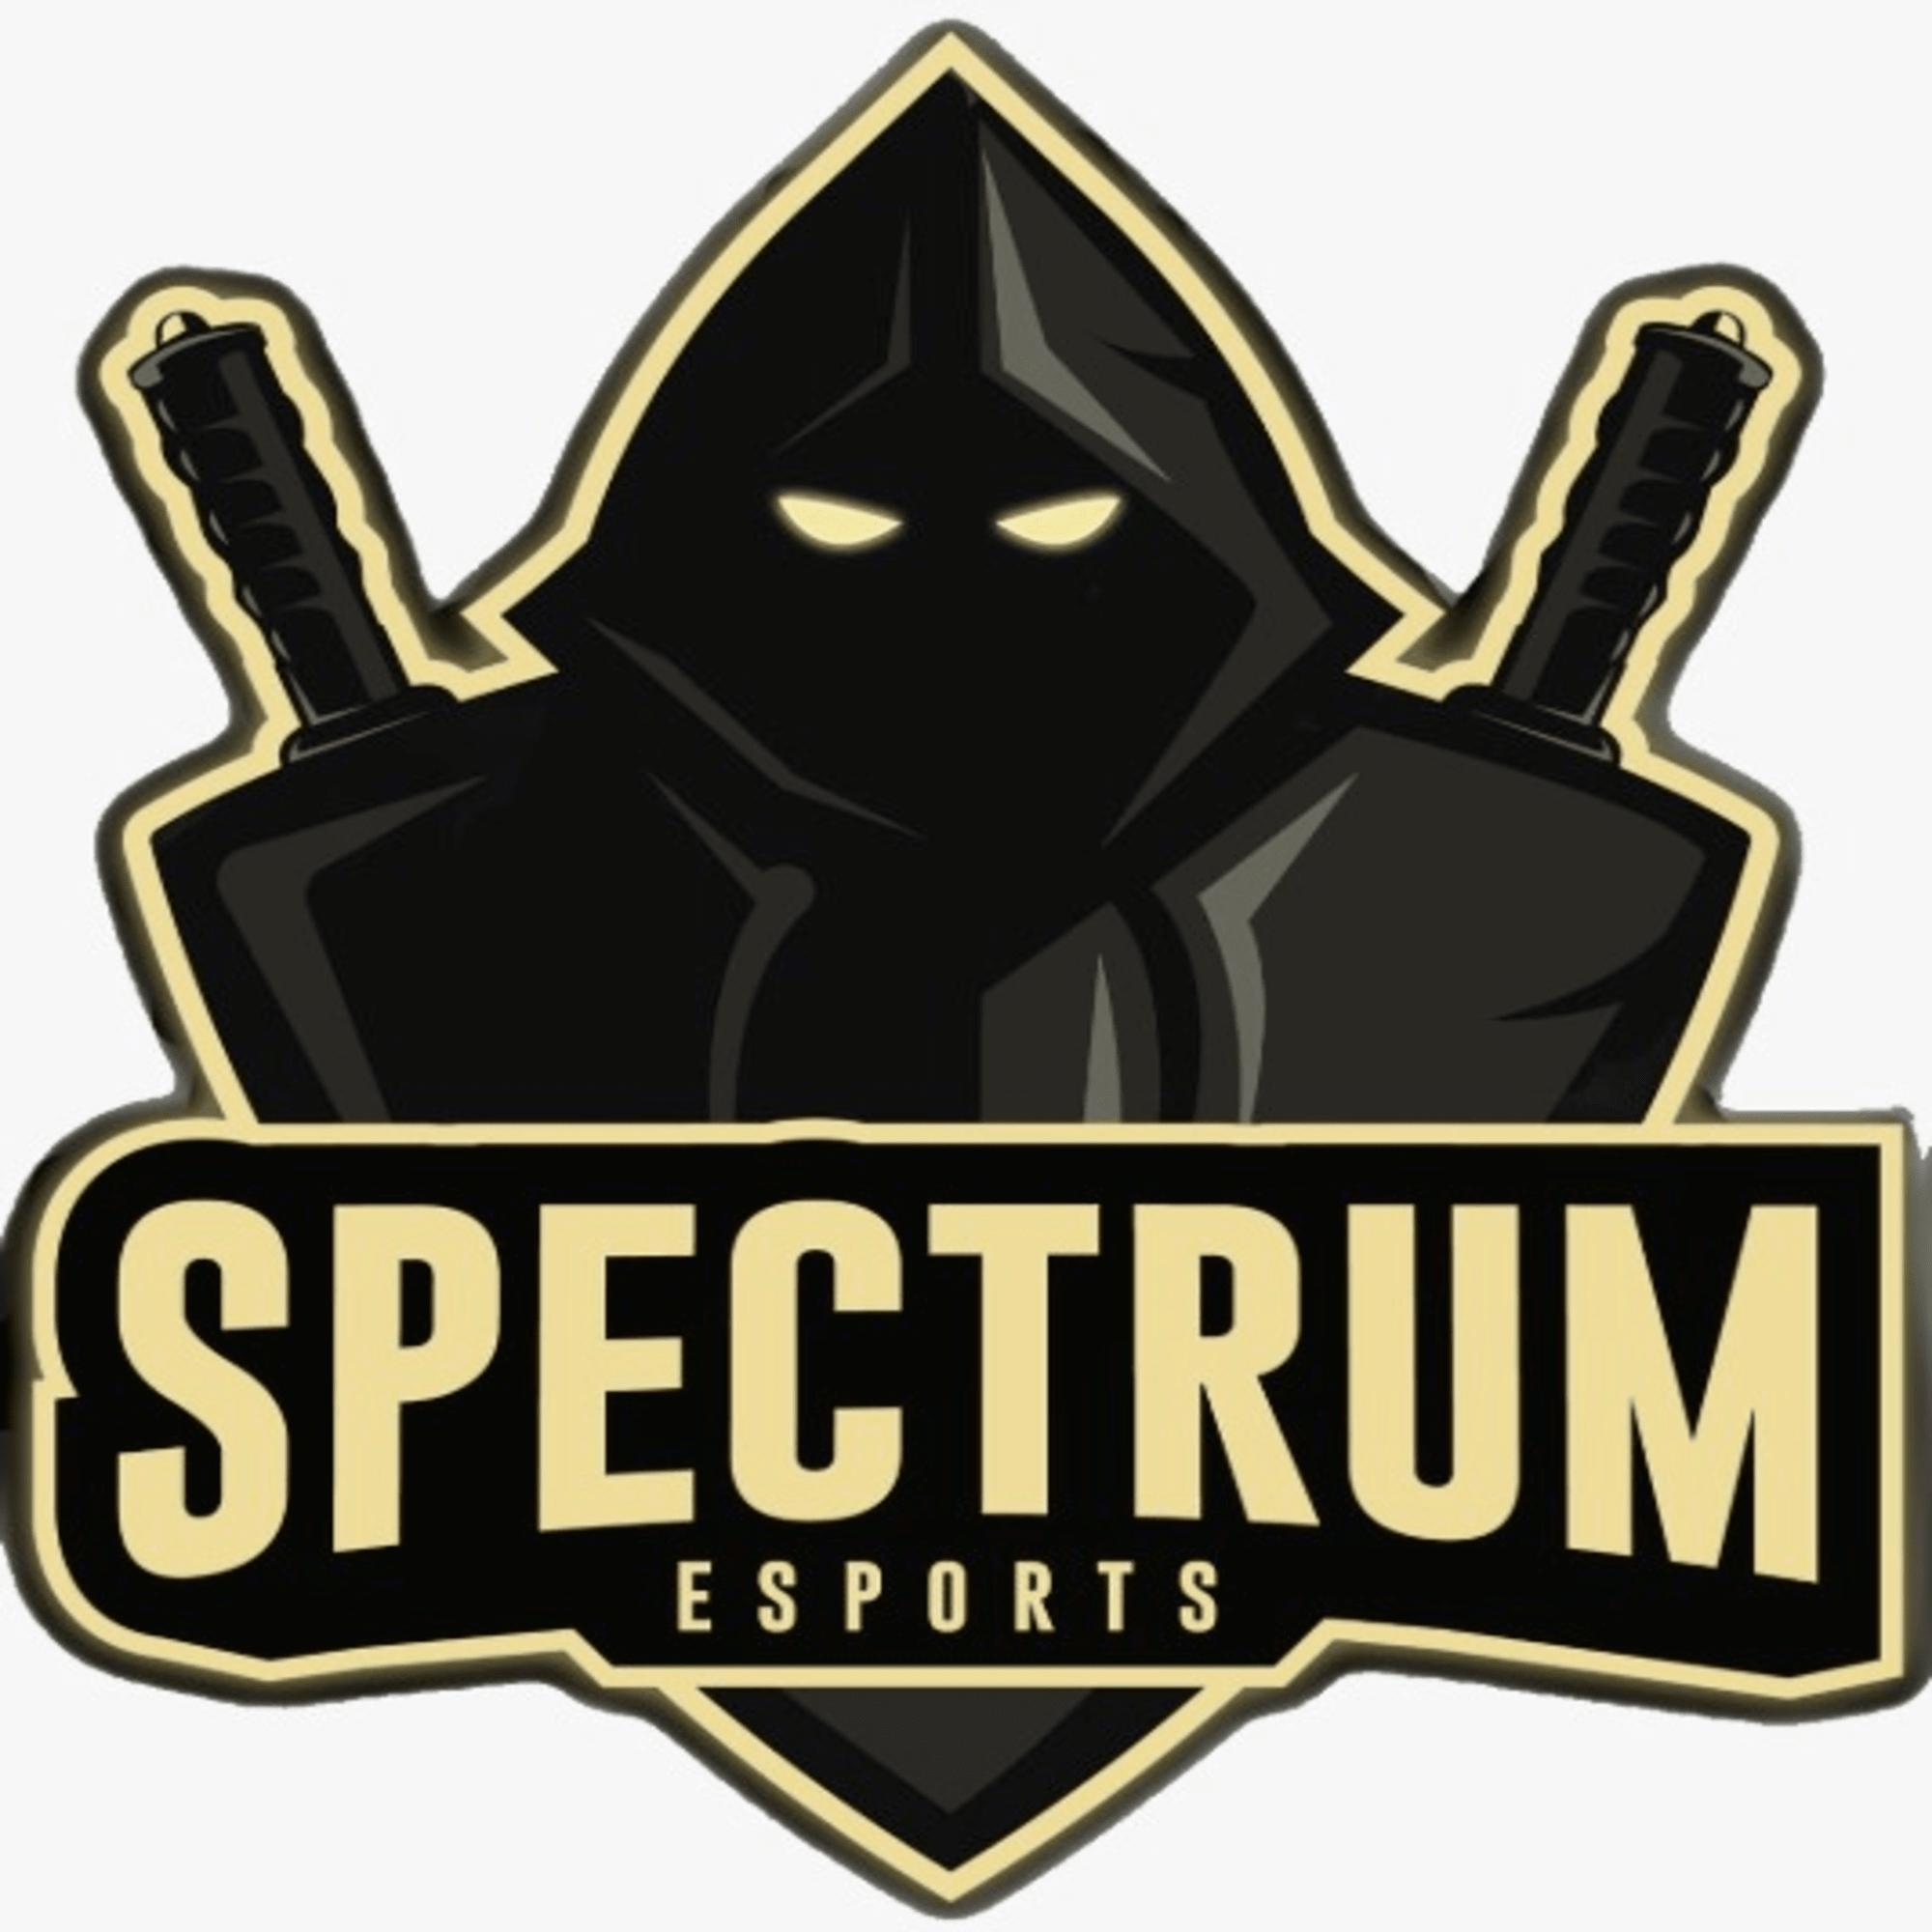 Spectrum Esports